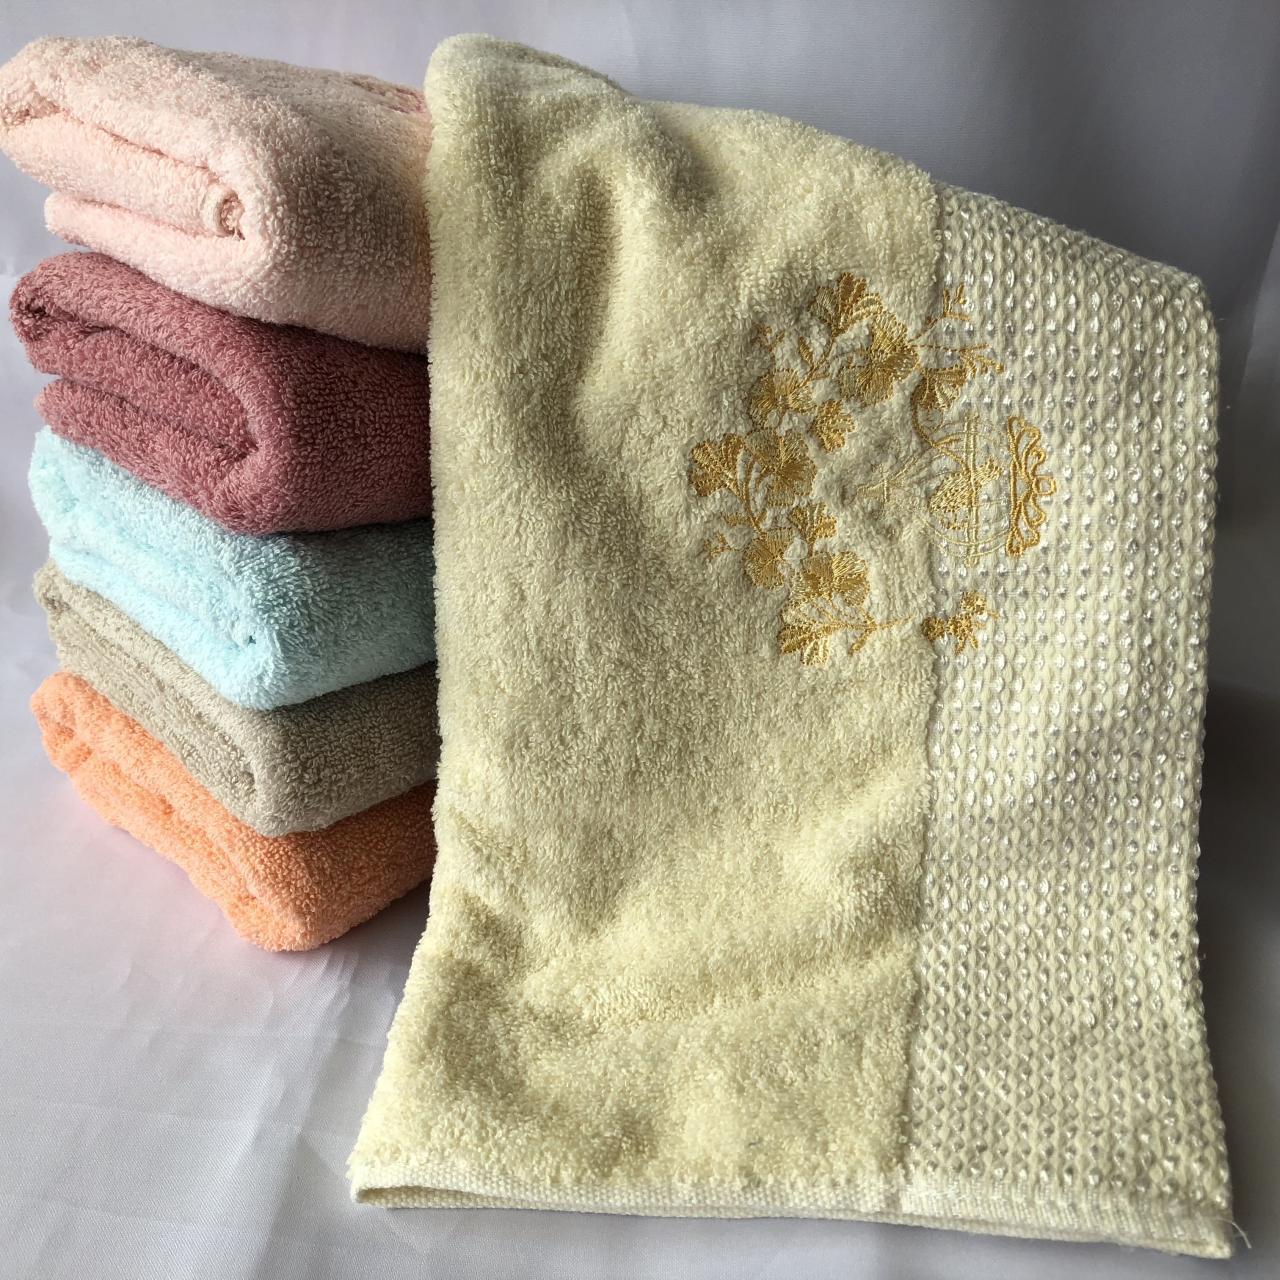 БАННОЕ махровое полотенце. Качество. Махровые полотенца оптом 81-1